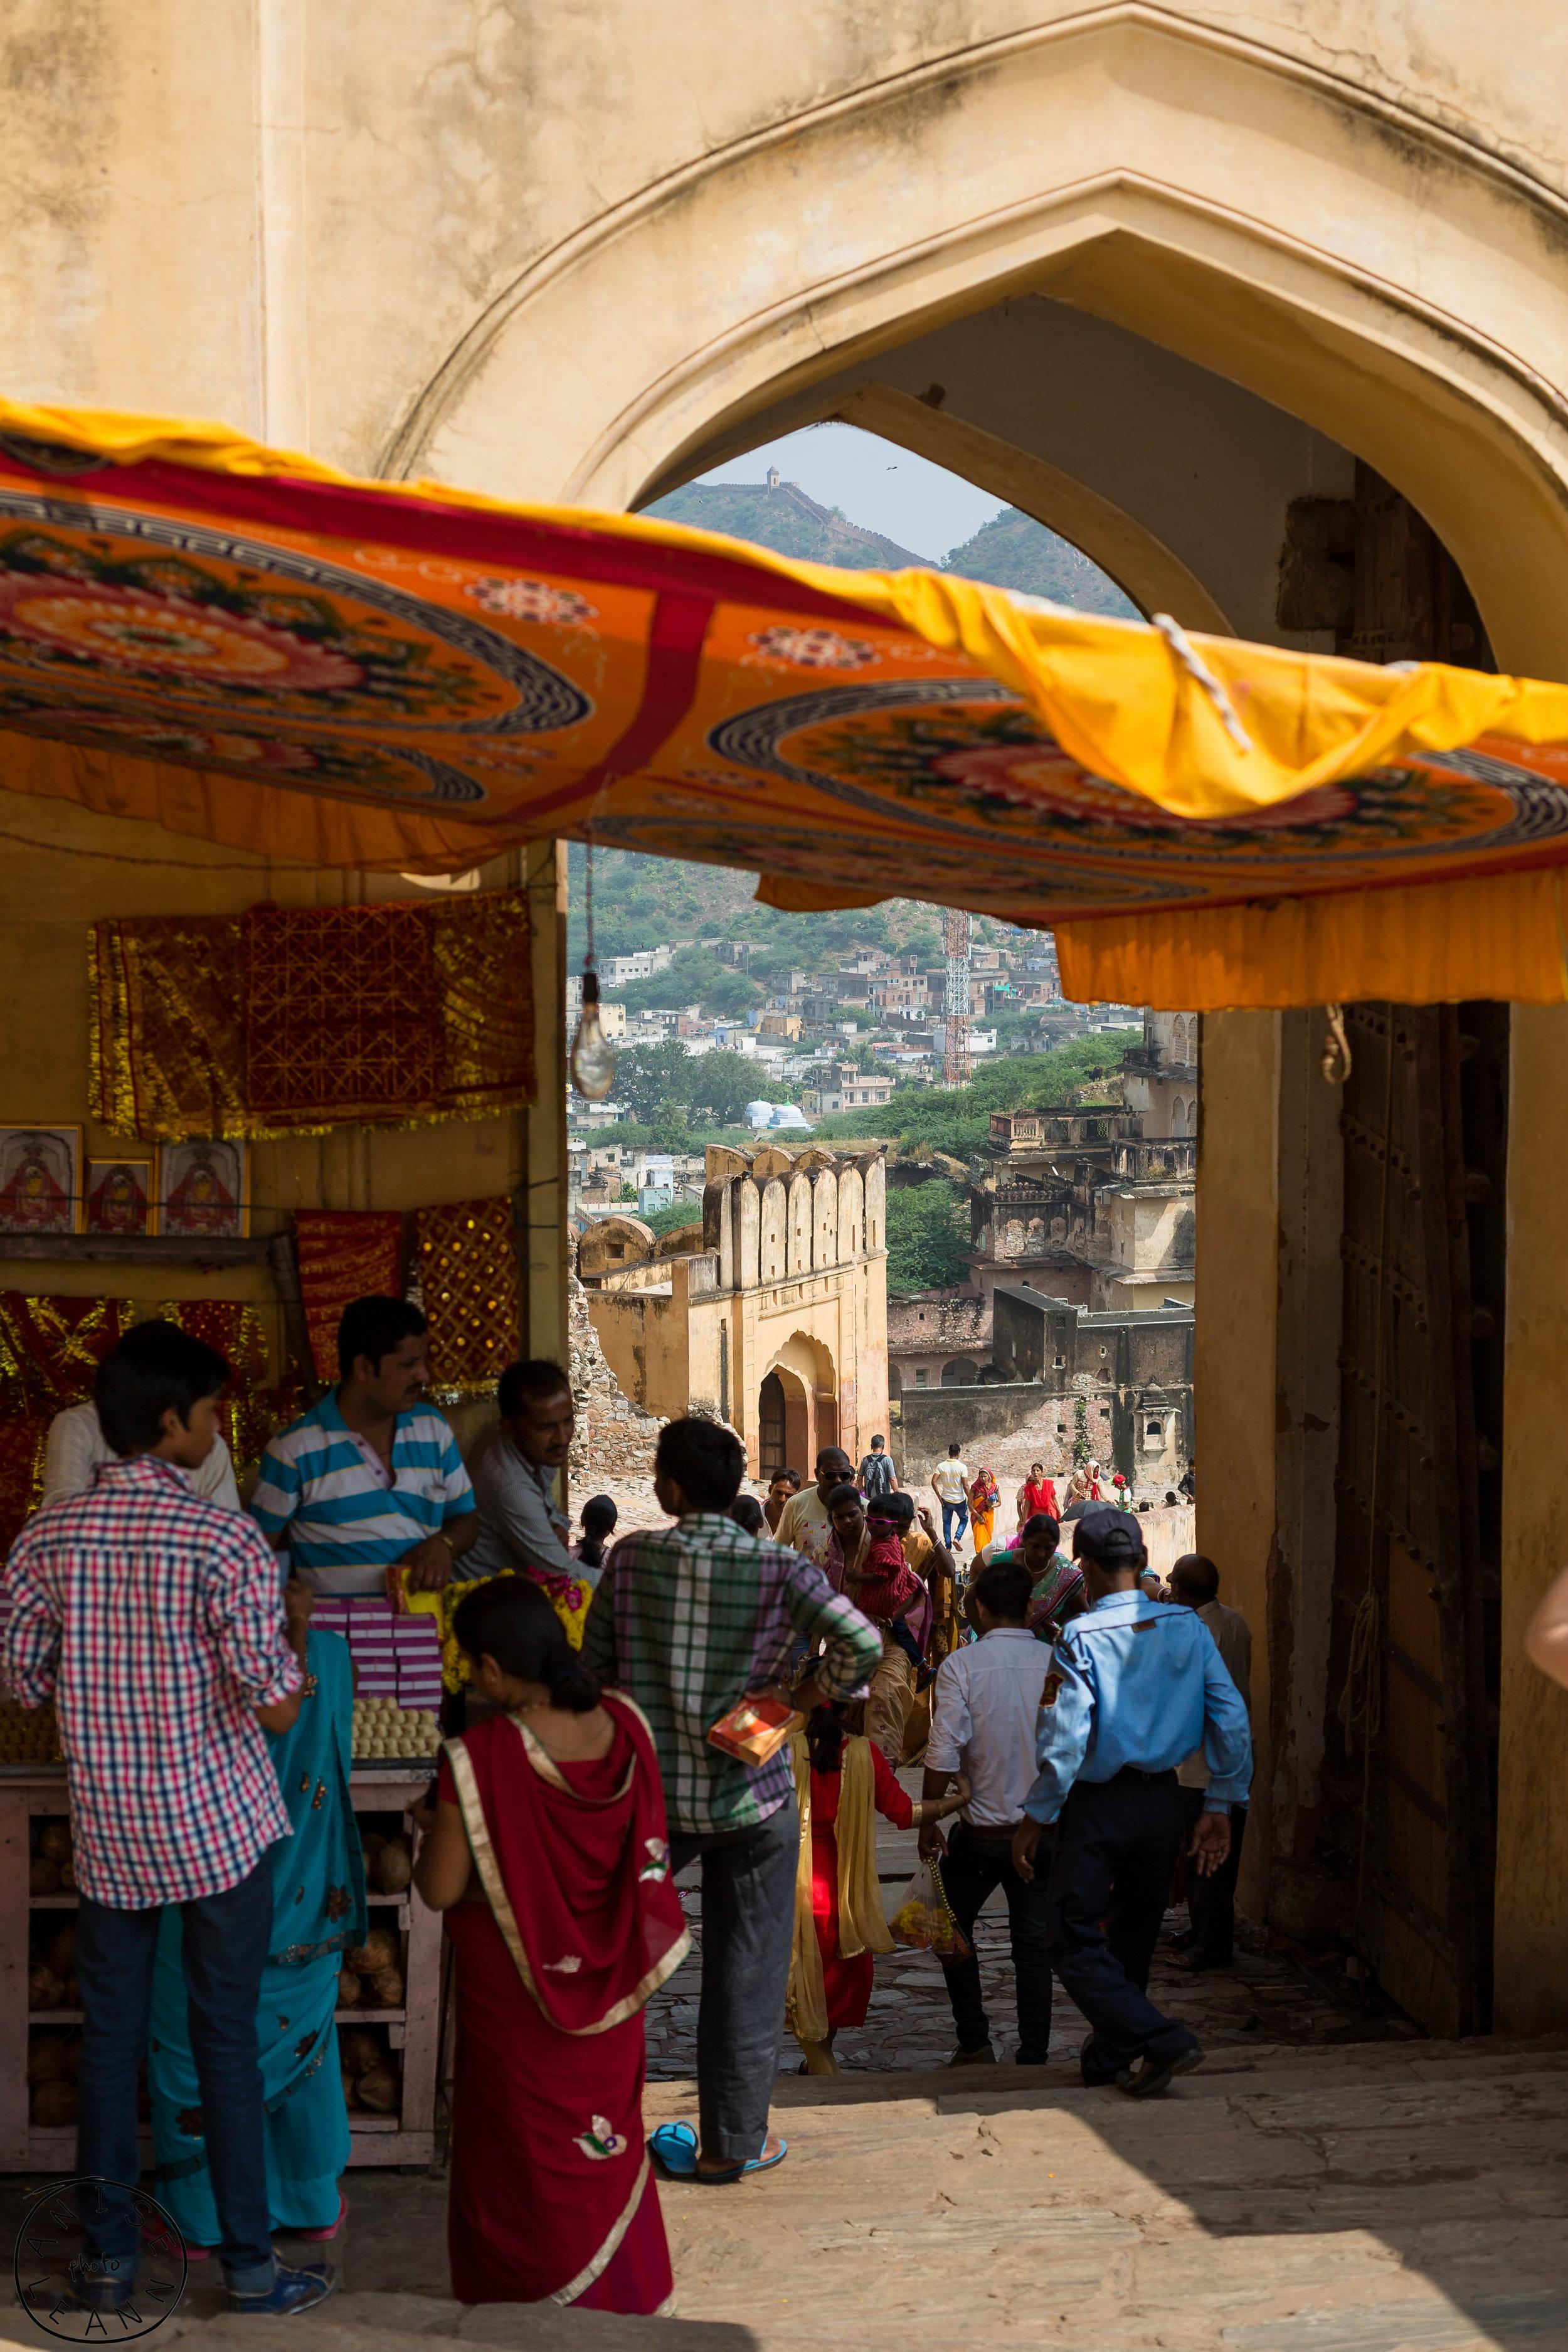 India-Jaipur-Day2-81.jpg